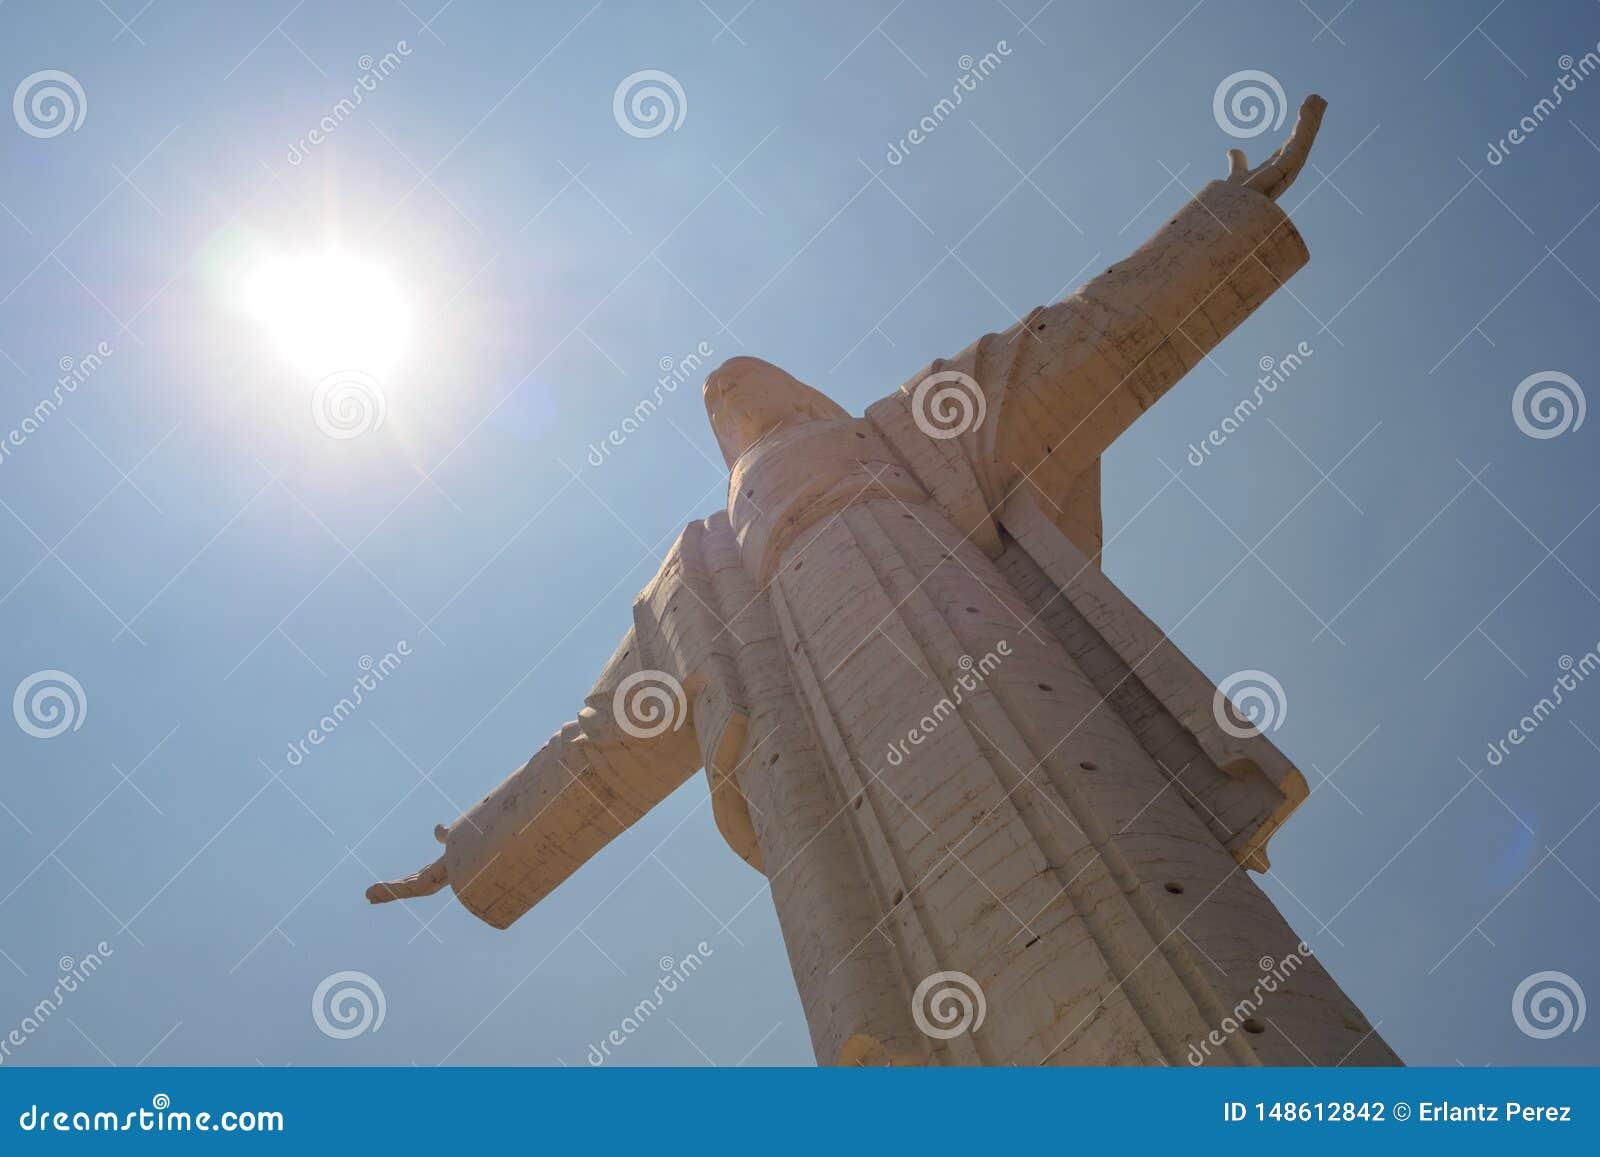 Cristo de la Concordia sur la colline de San Pedro dans la ville de Cochabamba